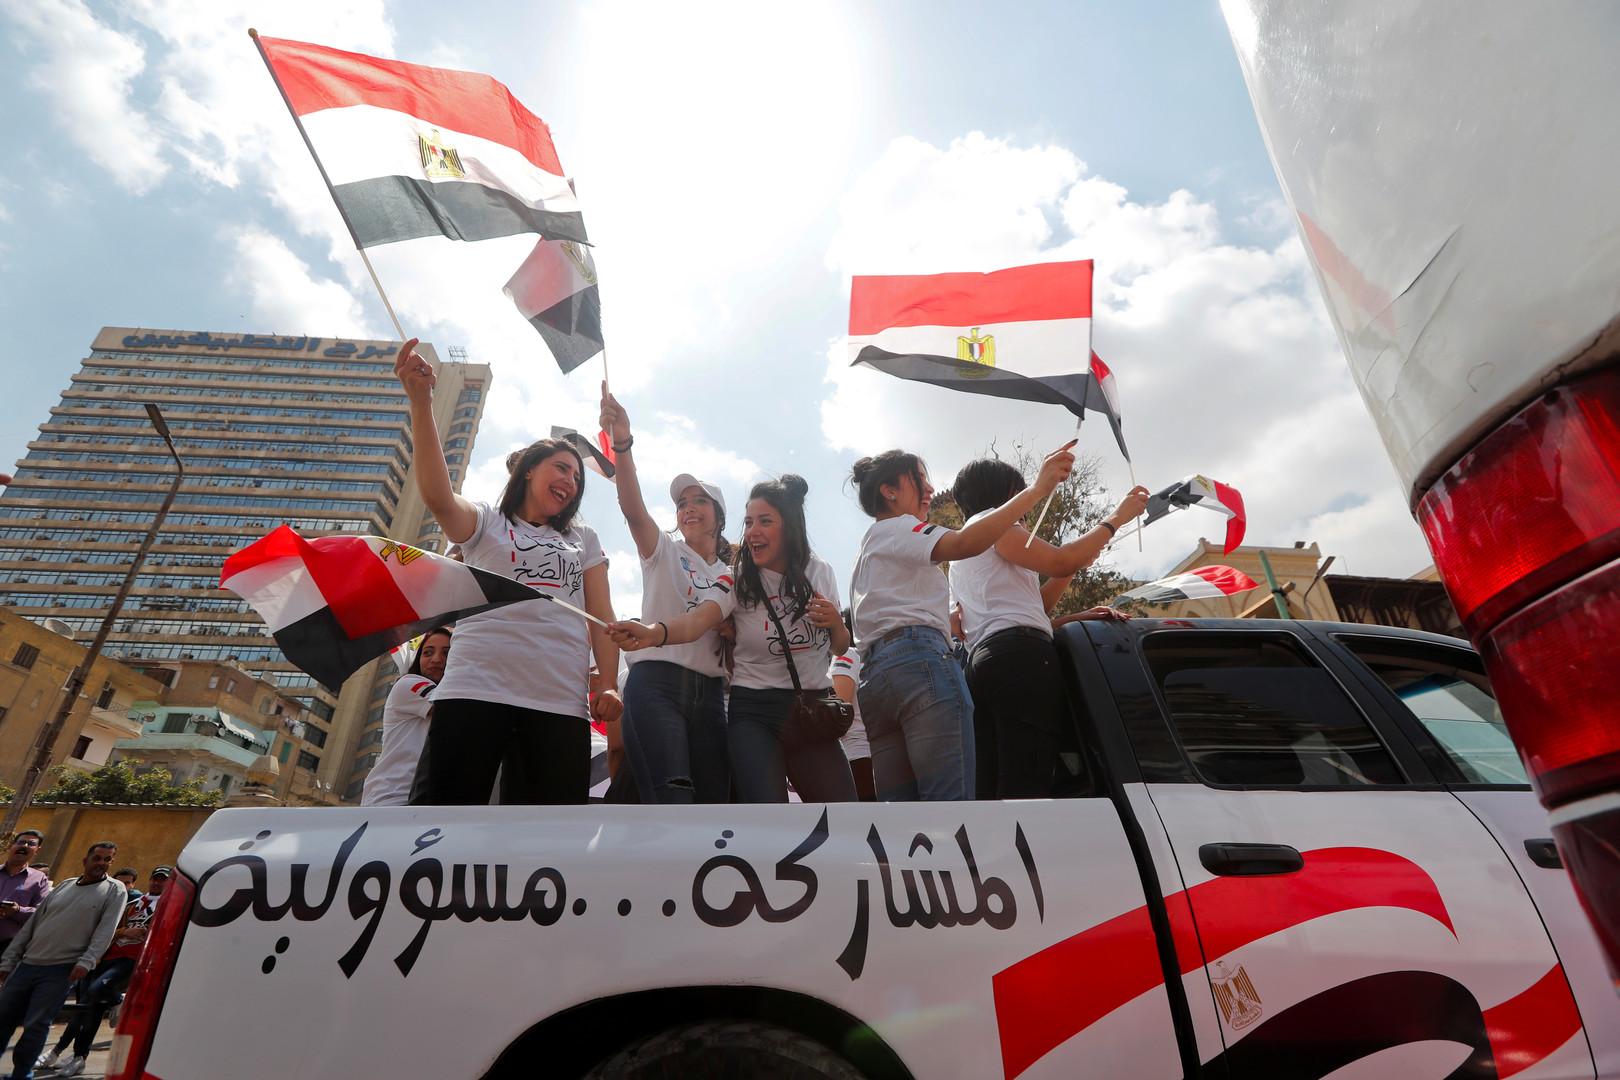 الوطنية للانتخابات المصرية: إرسال موظفين إضافيين لمراكز الاقتراع لكثافة الحضور